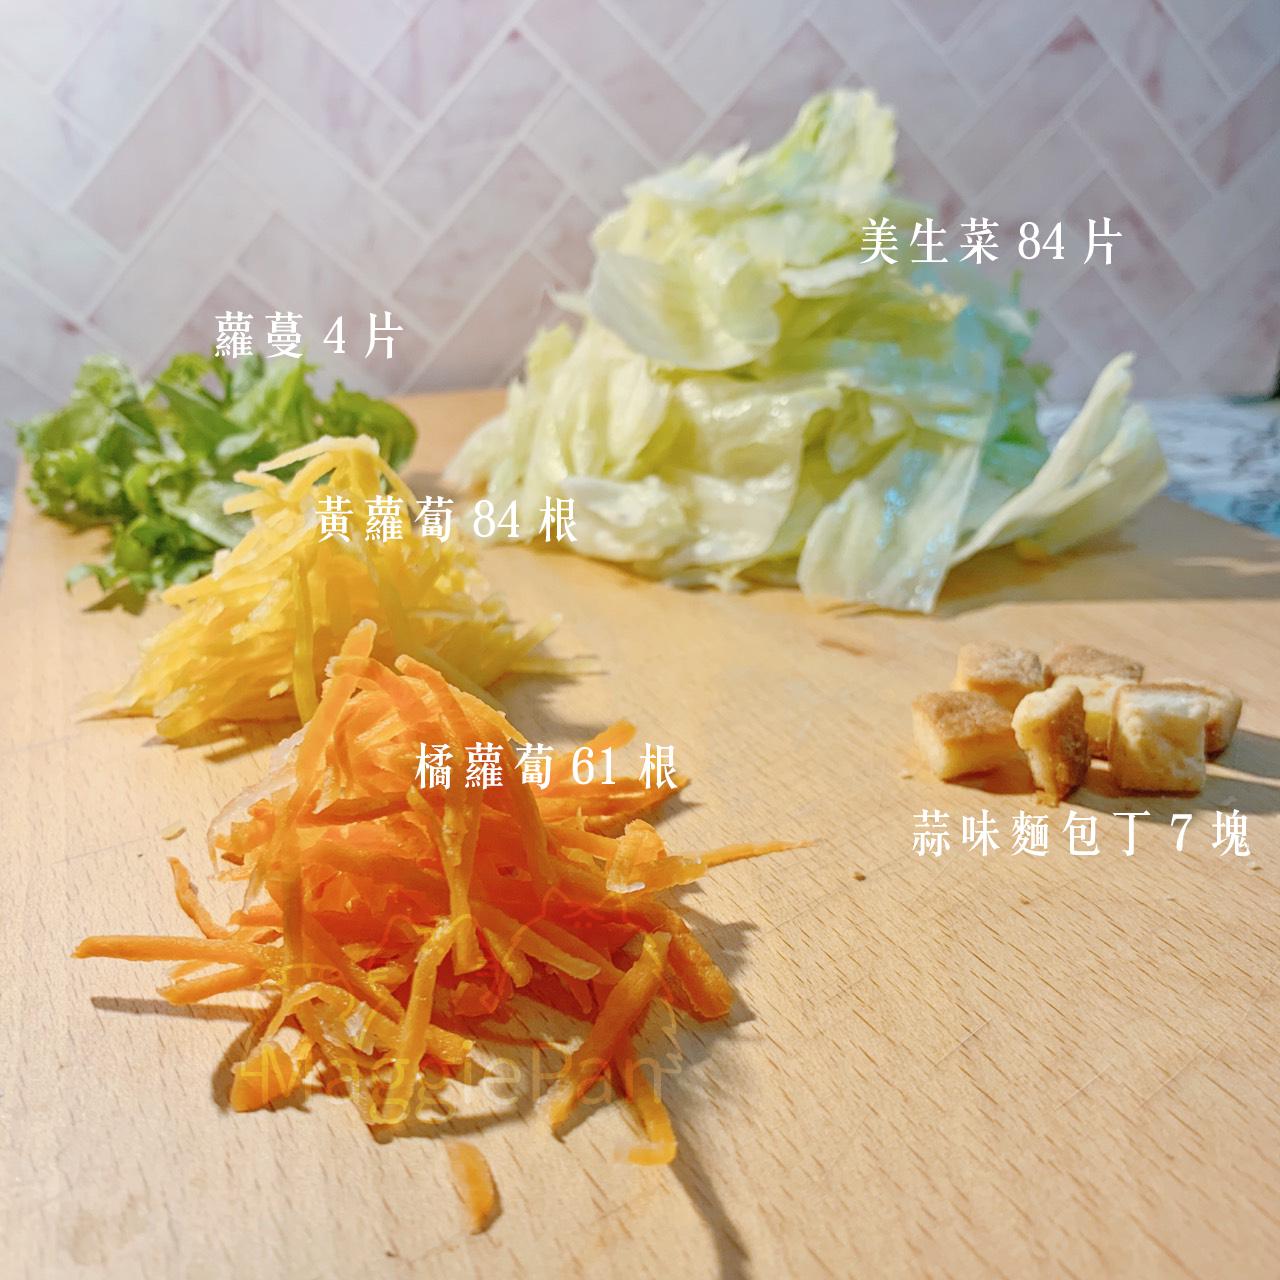 一日野菜-萵苣沙拉 到底誰這麼無聊會真的數